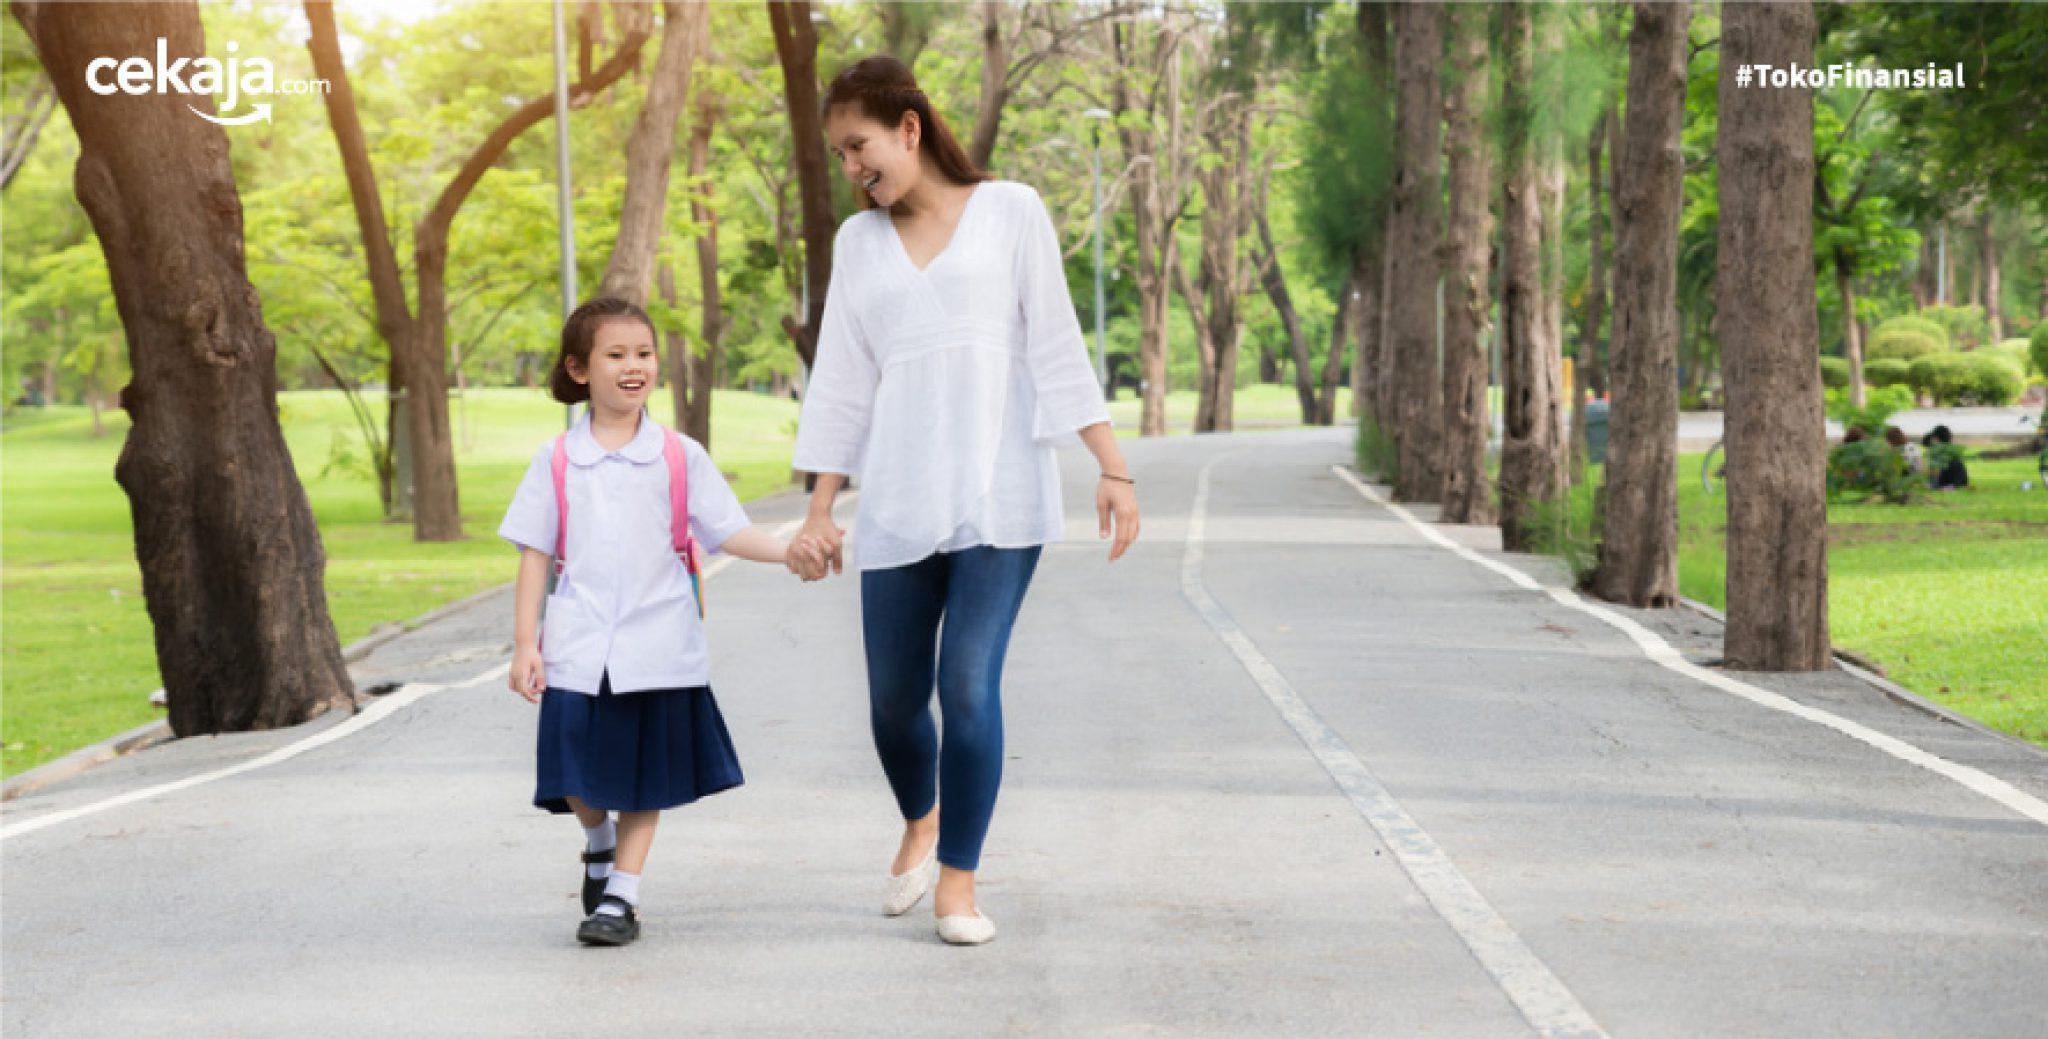 biaya pendidikan anak _ kredit tanpa agunan- CekAja.com